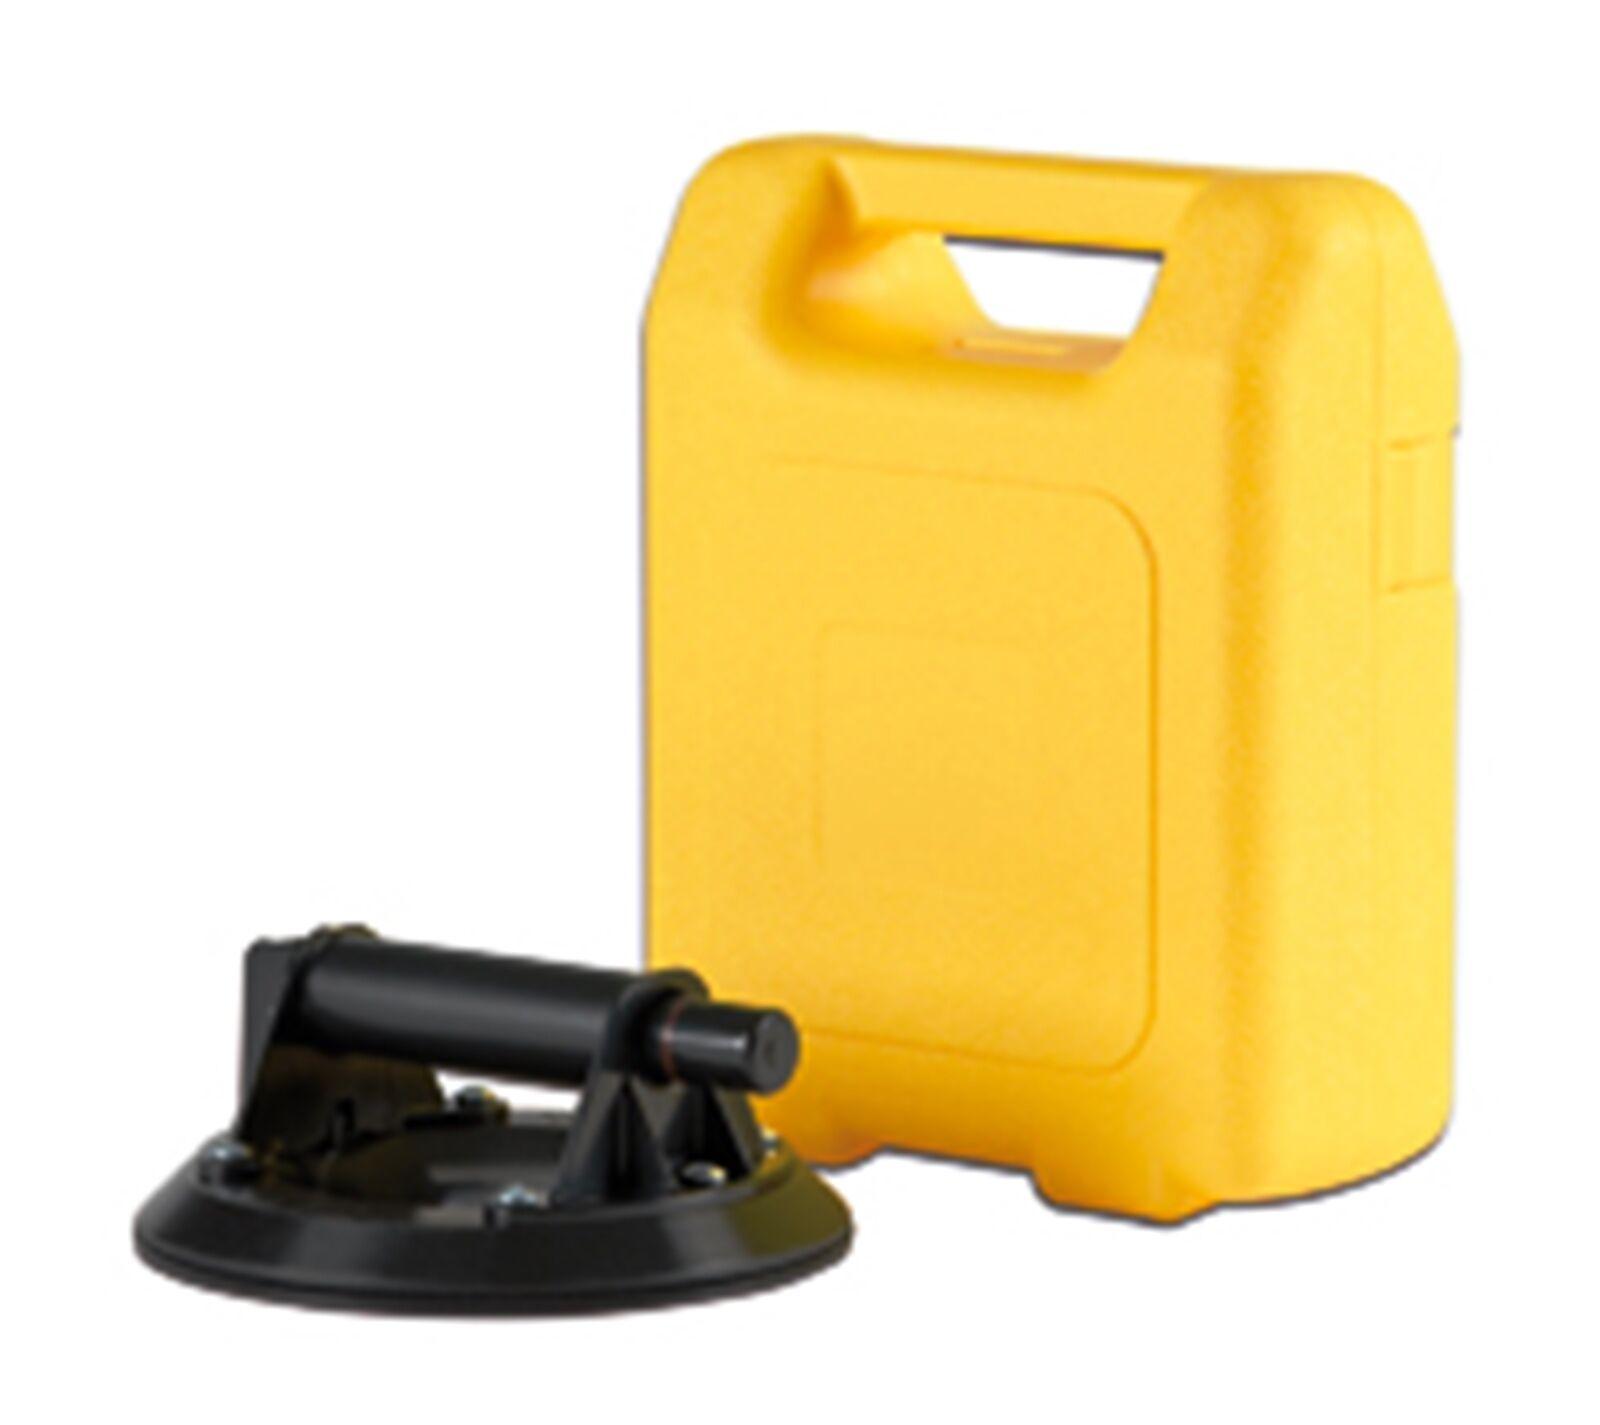 Wood's Powr-Grip® Pumpensaugheber aus Kunststoff, im Koffer  Sauger